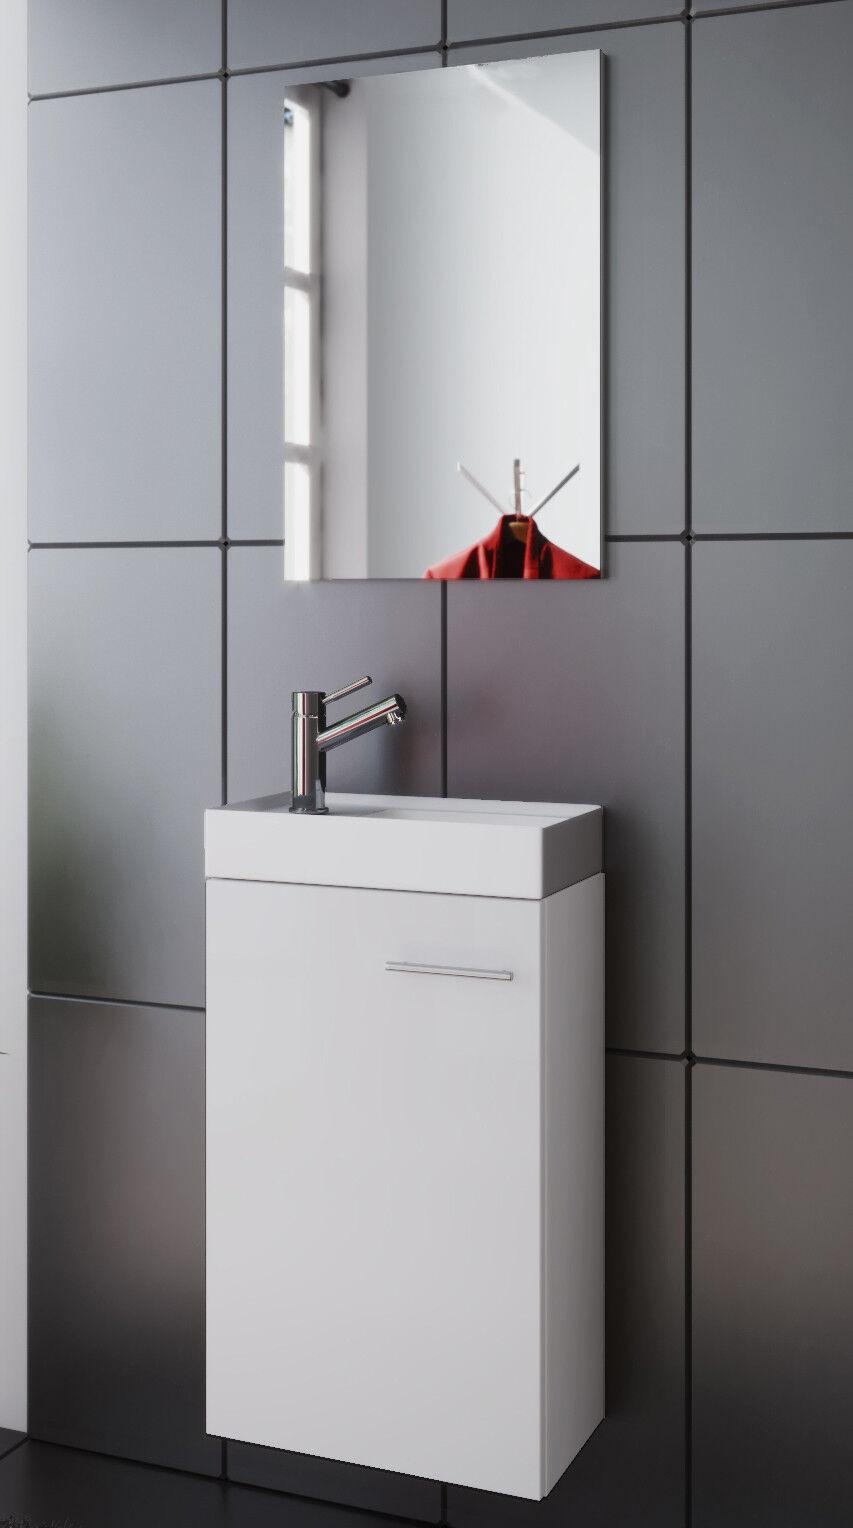 Waschbeckenunterschrank Schmal Test Vergleich